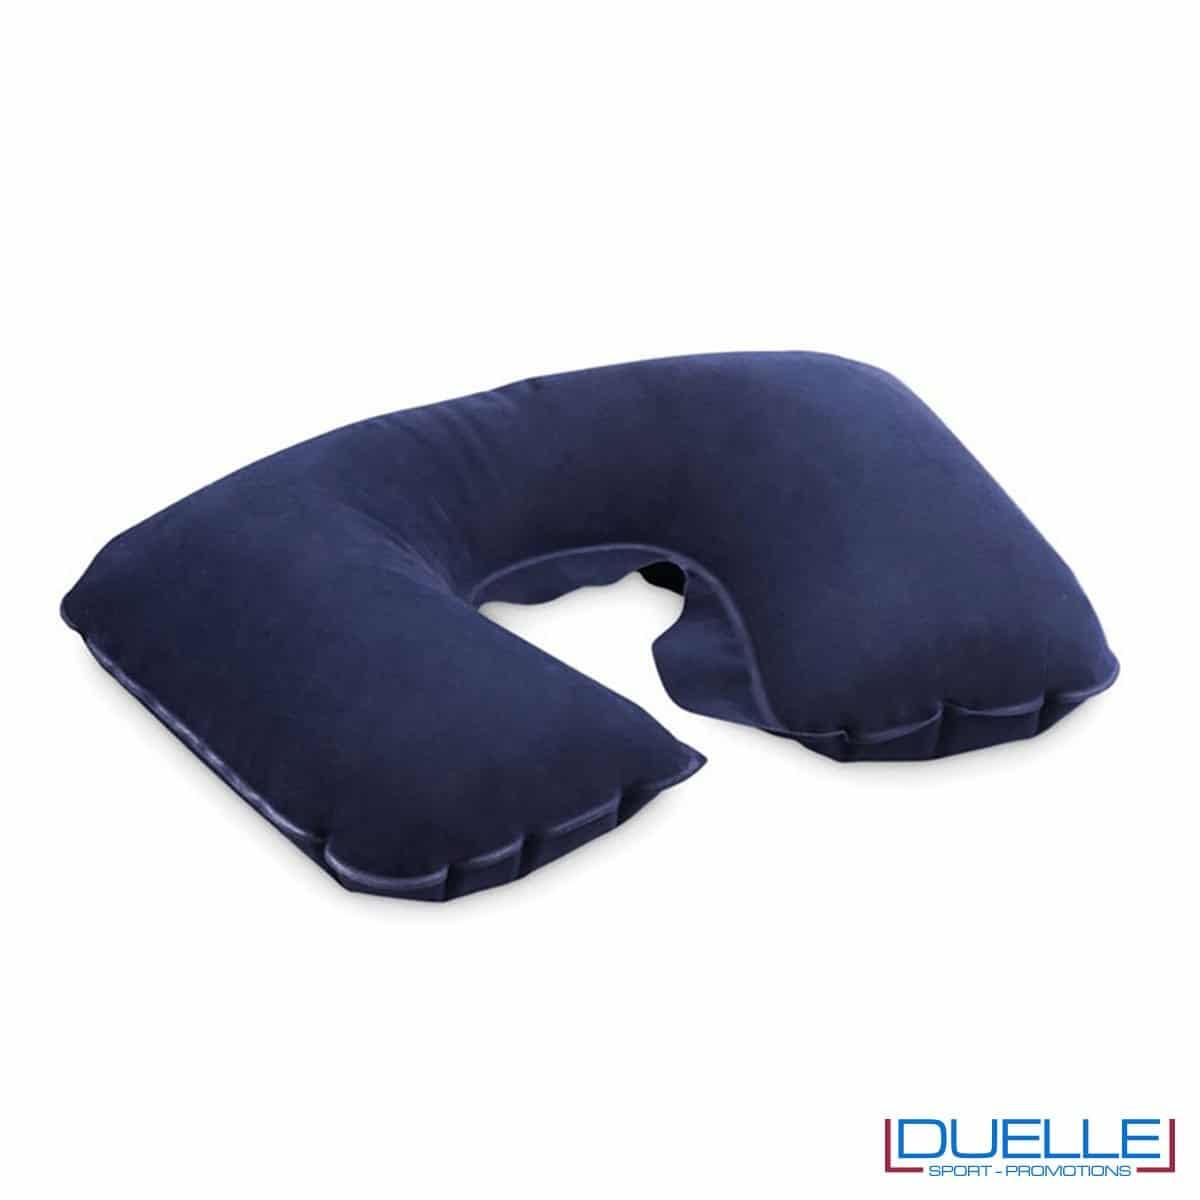 Cuscino viaggio con busta in velluto colore blu